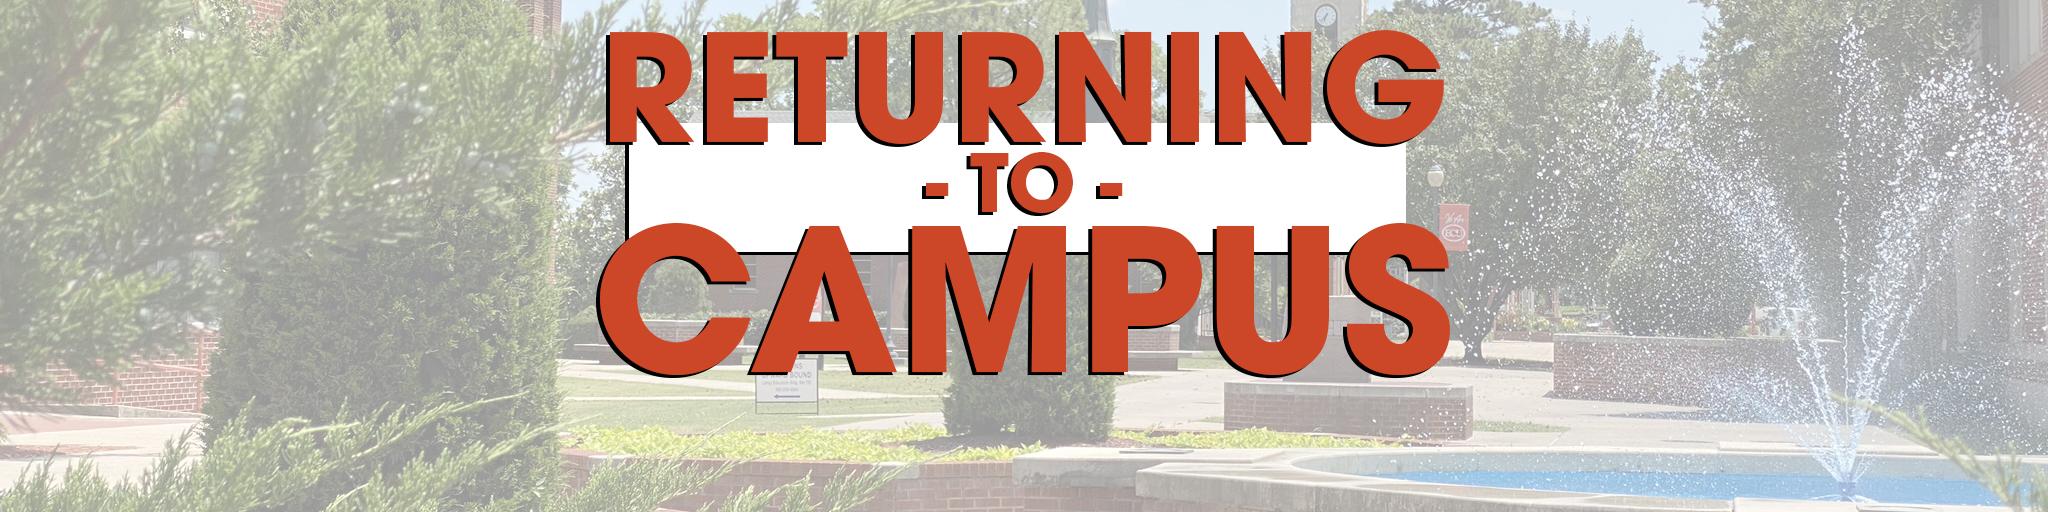 Returning to Campus